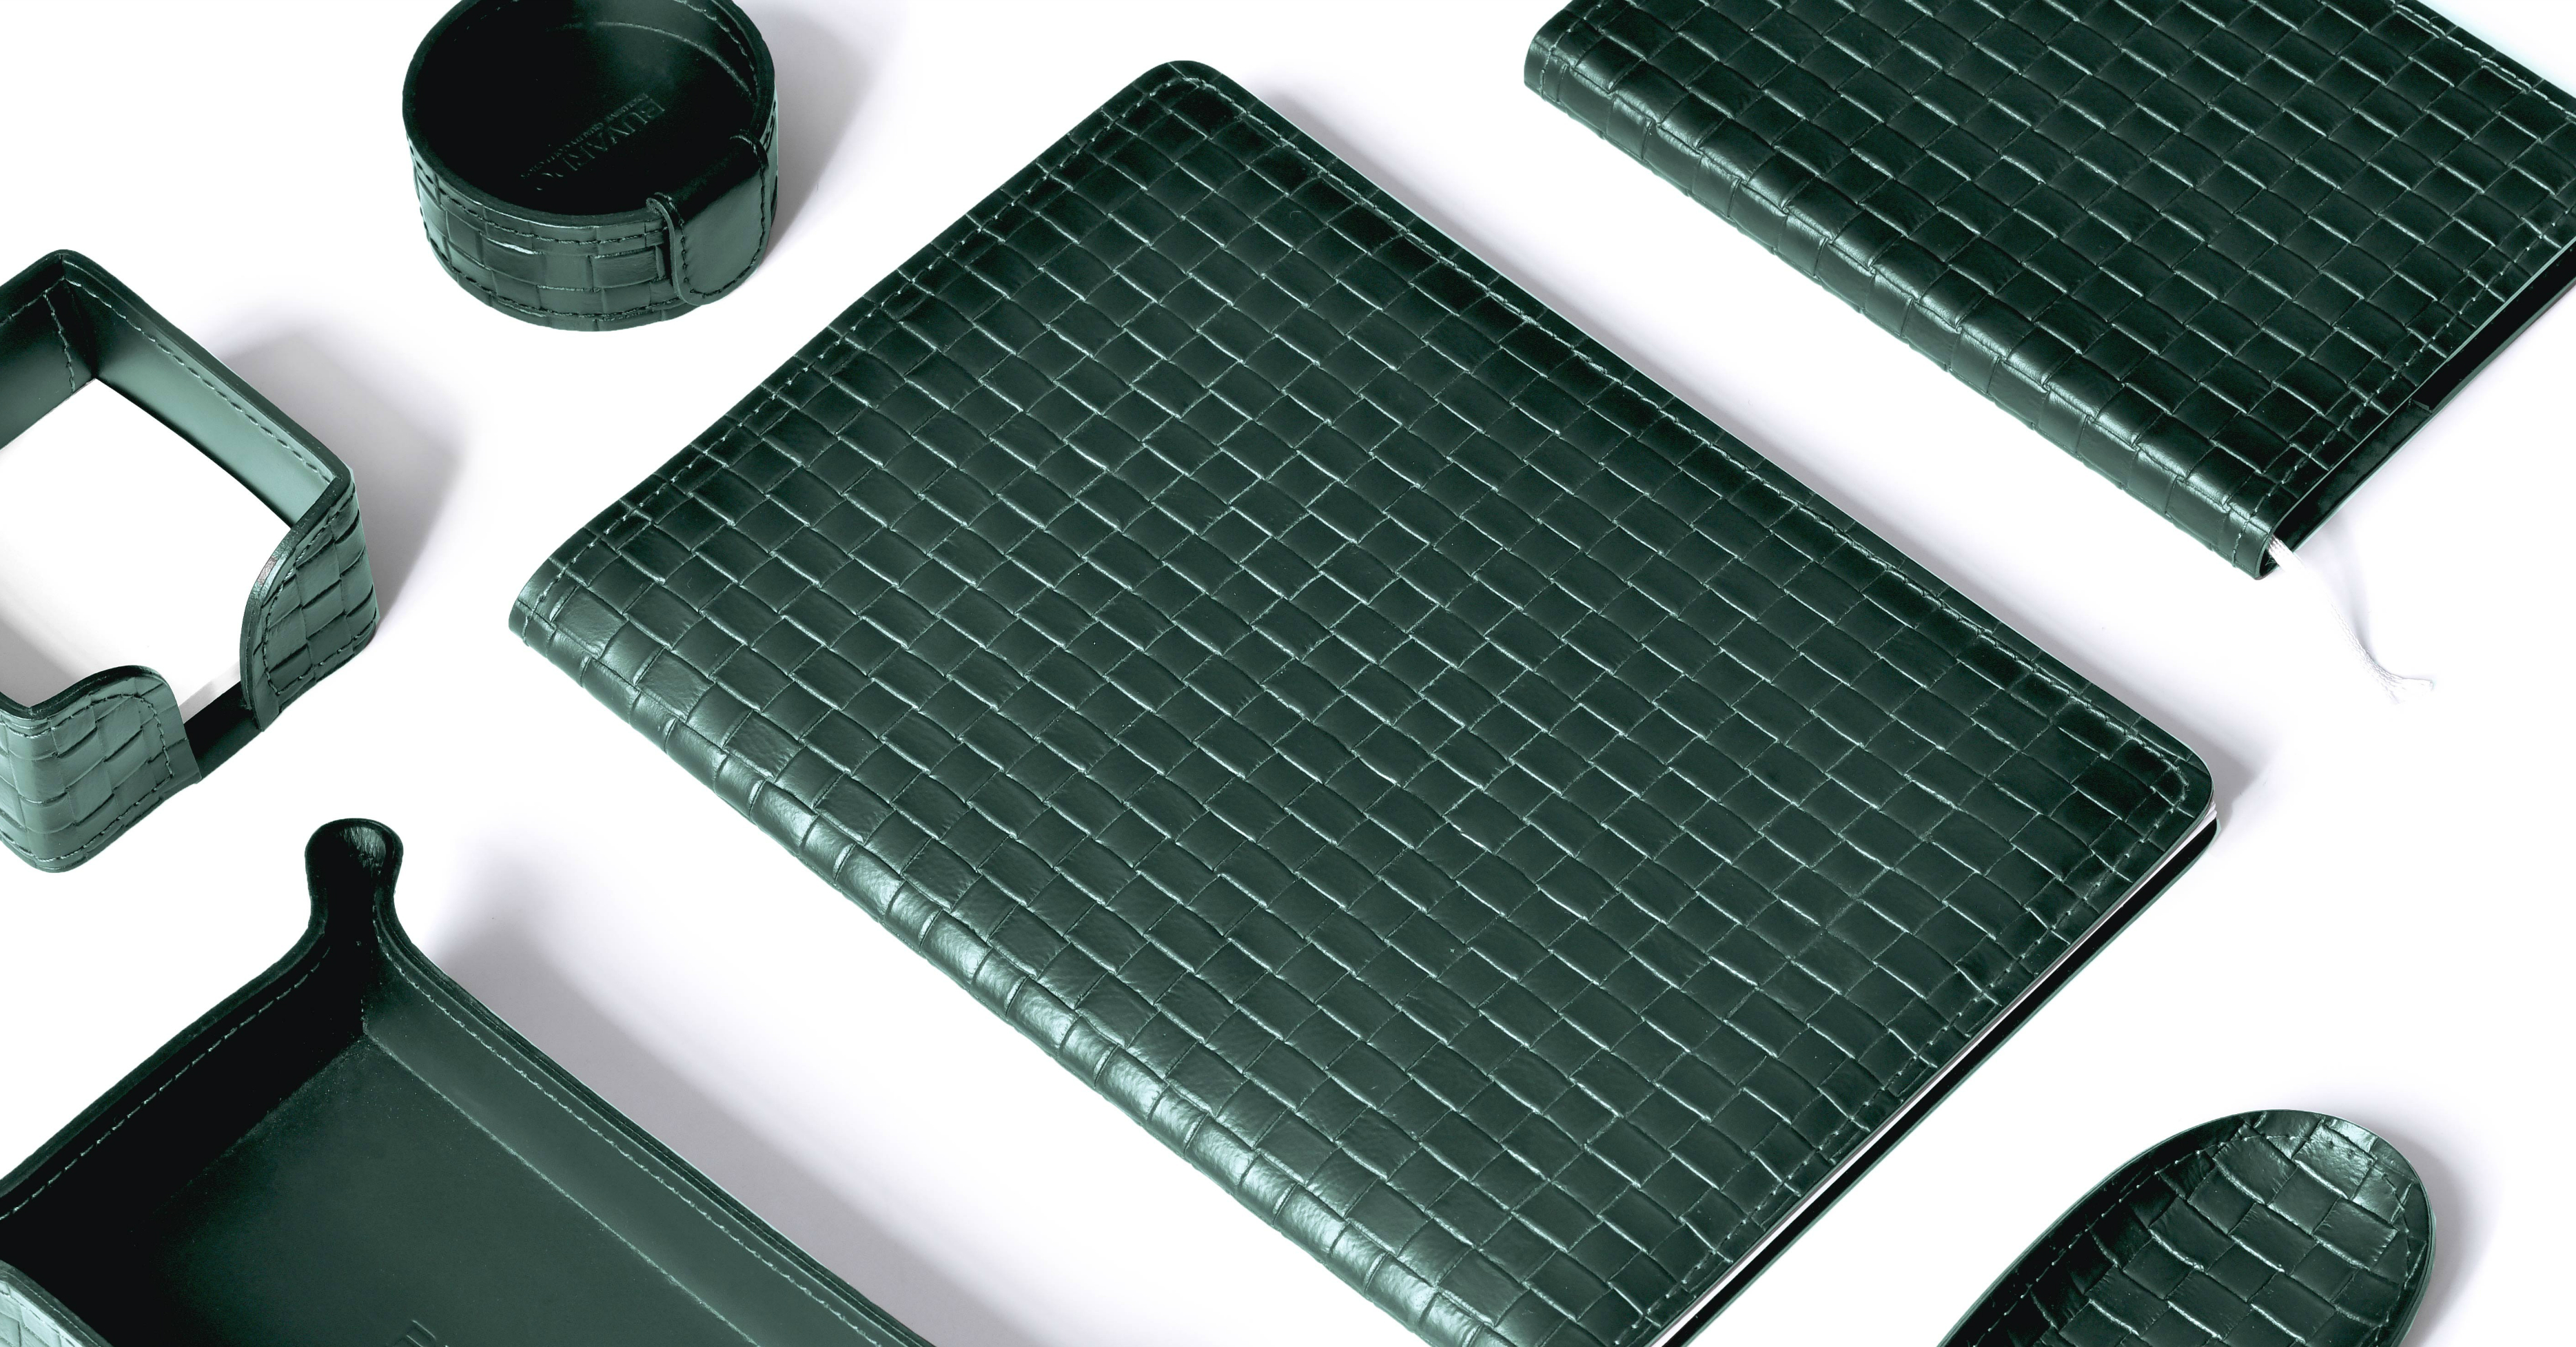 Настольный набор из кожи Cuoietto темно-зеленого цвета с отделкой под intrecciato